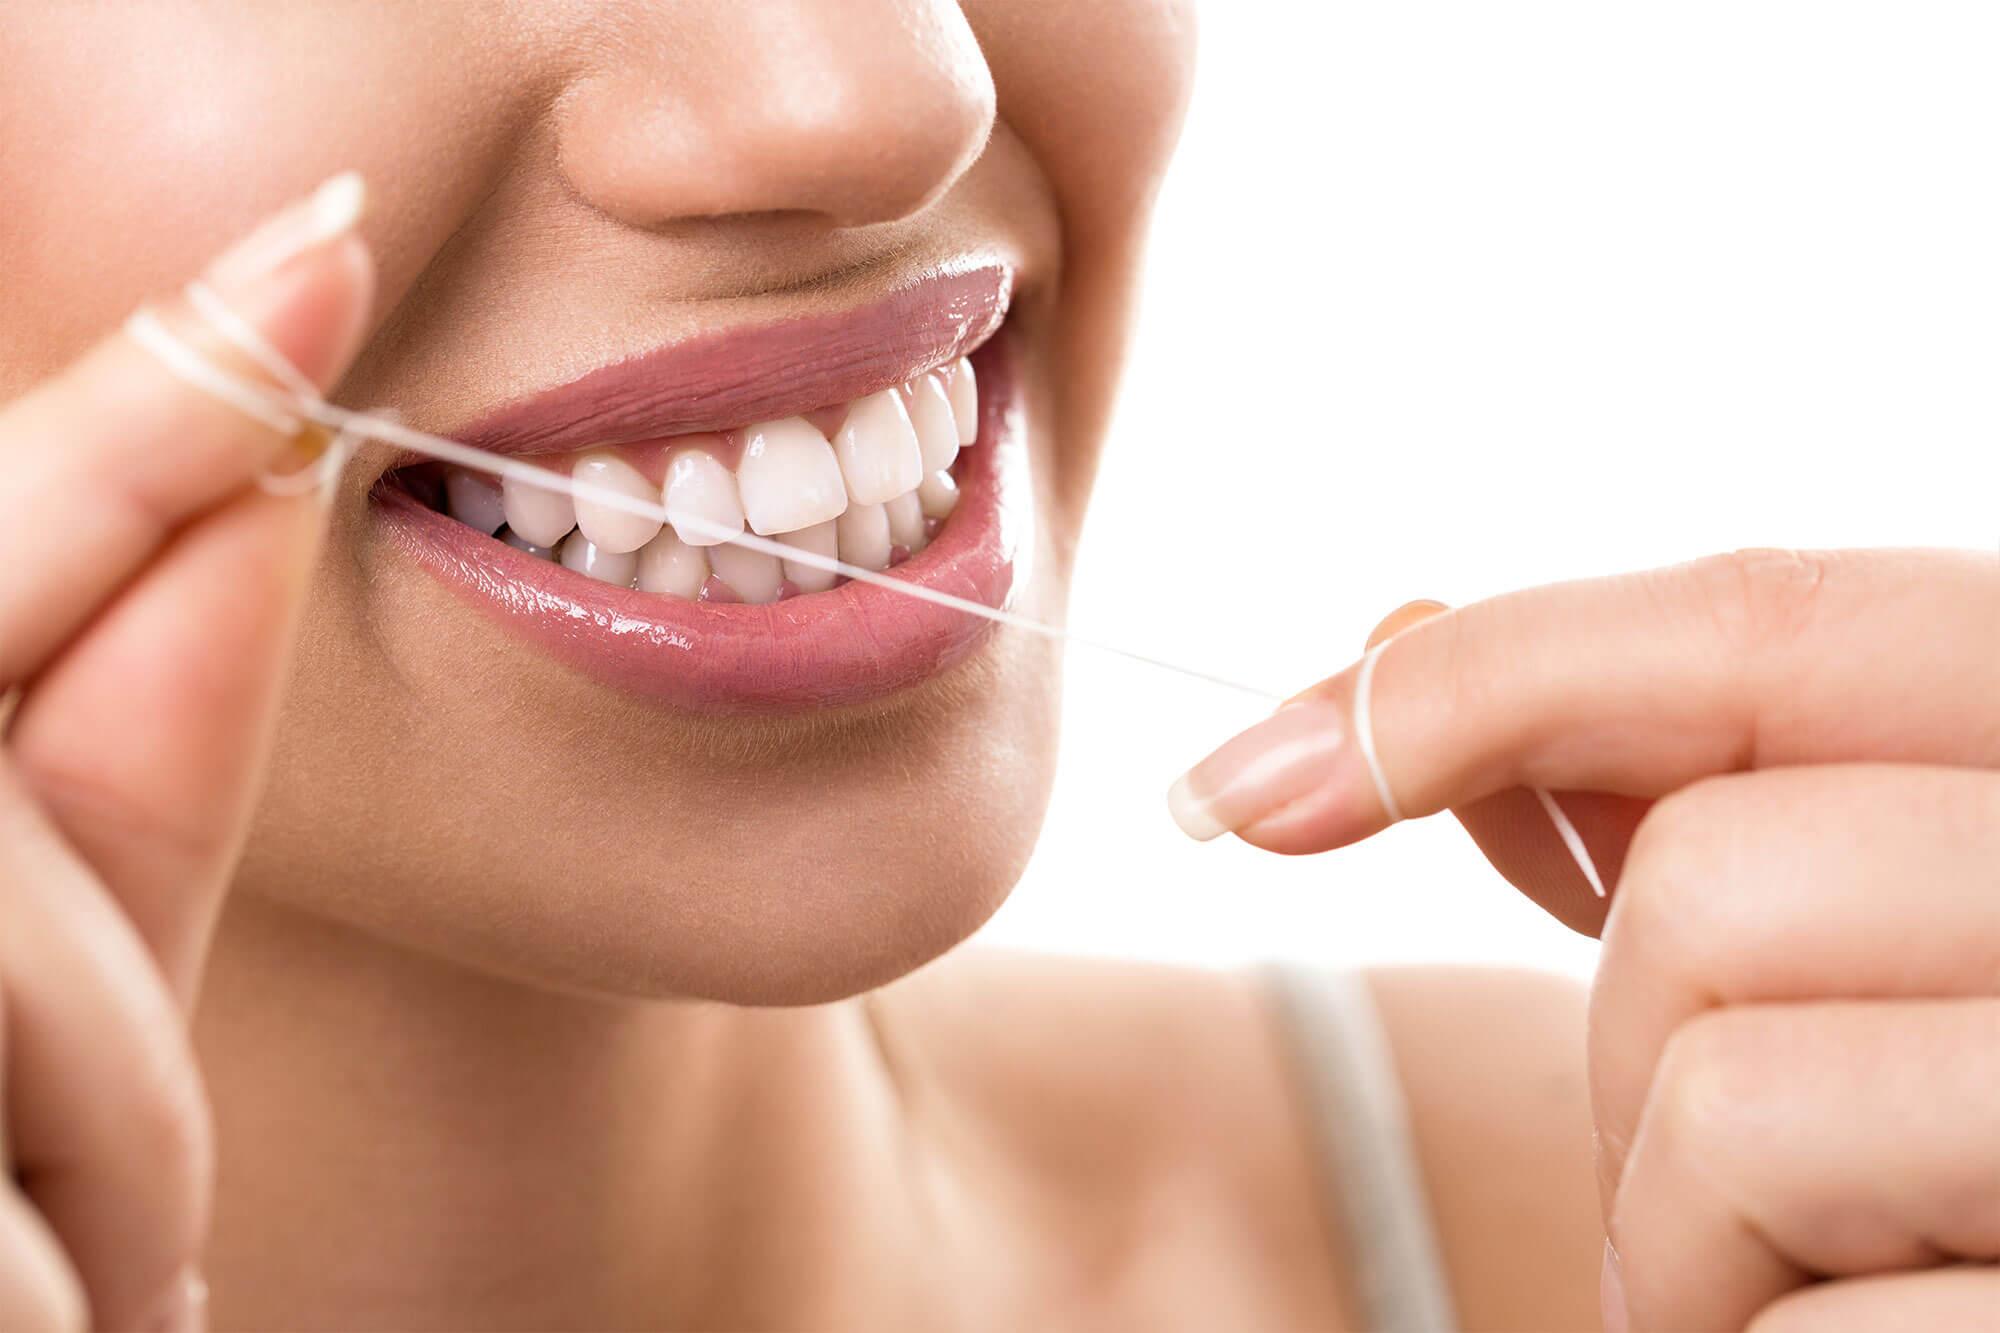 Folija za zube odrzavanje